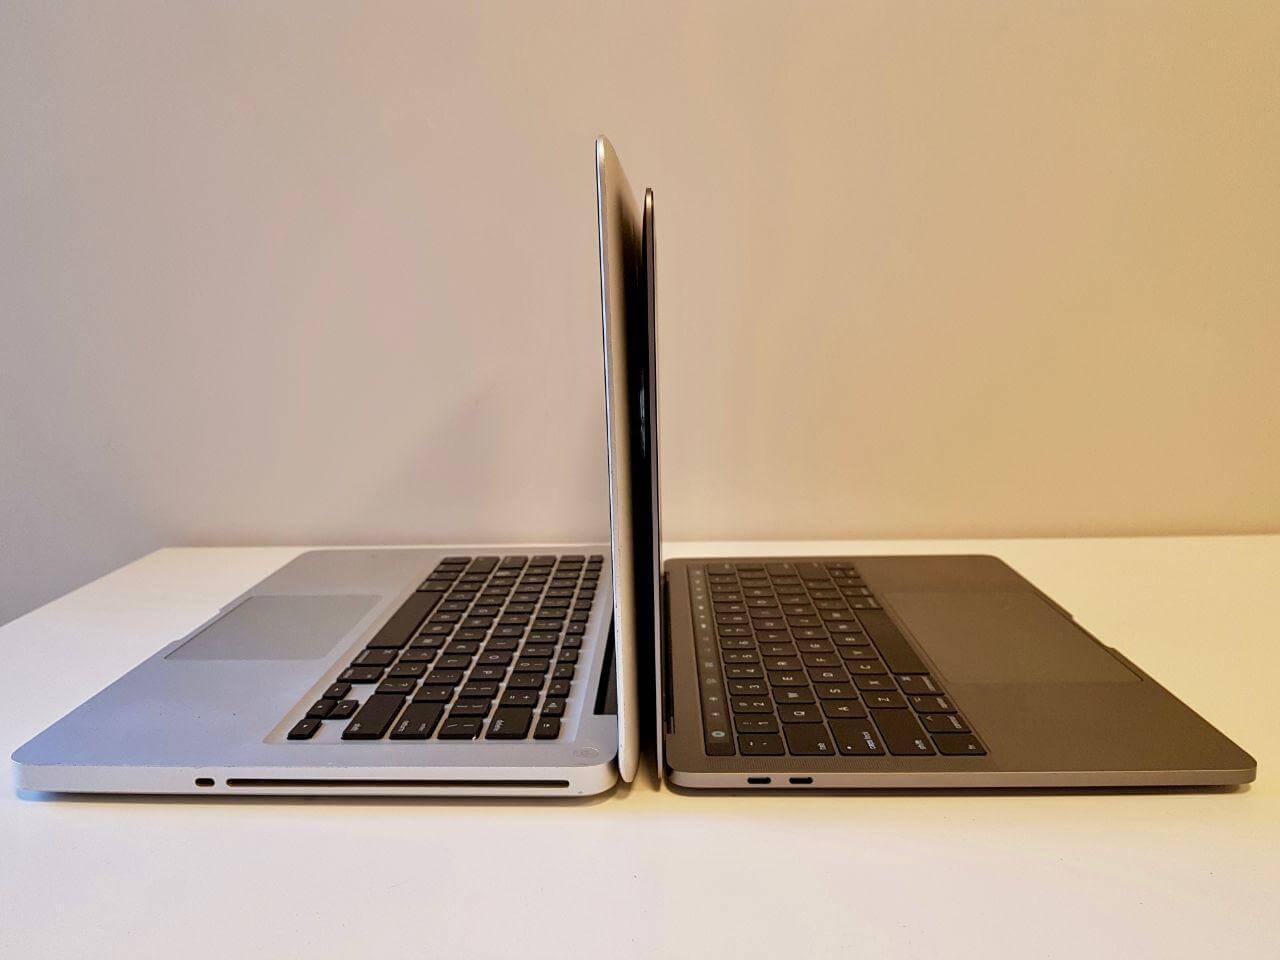 d2ce8712 fe42 4fa8 818d bf4c1d4552d1 - Review: MacBook Pro com Touch Bar (2017)